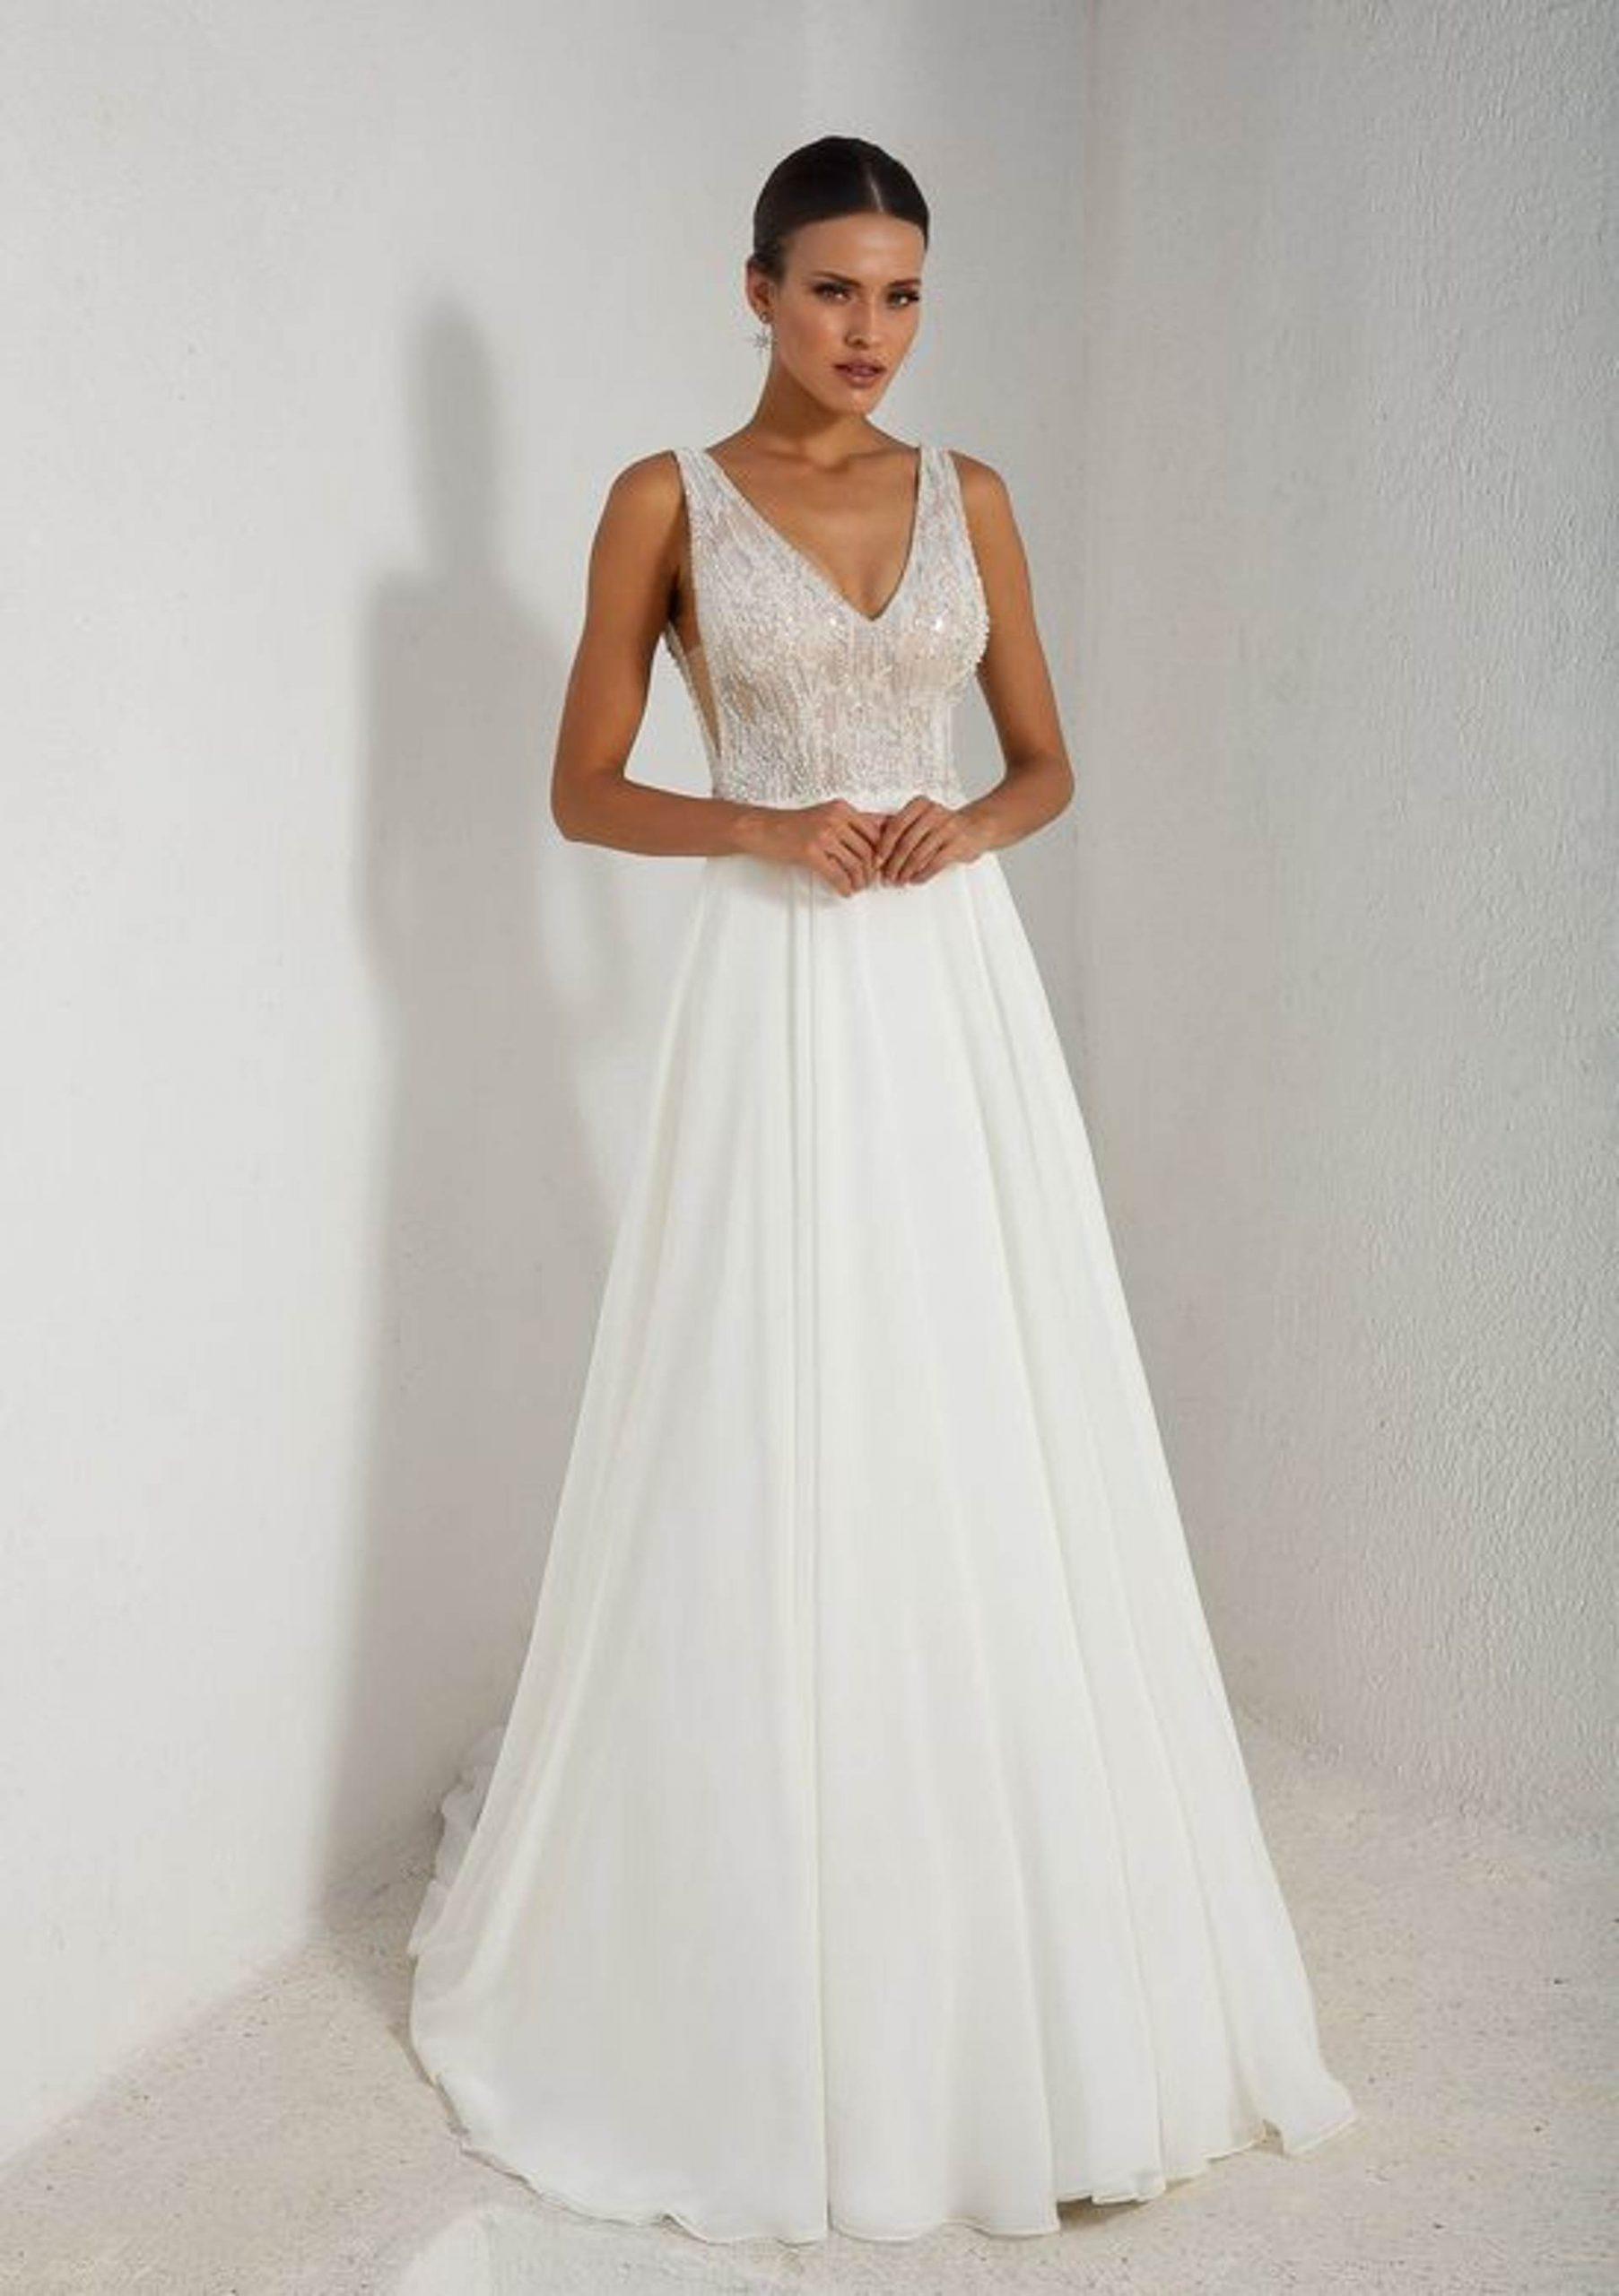 Designer Schön Elegante Brautkleider StylishFormal Ausgezeichnet Elegante Brautkleider Bester Preis